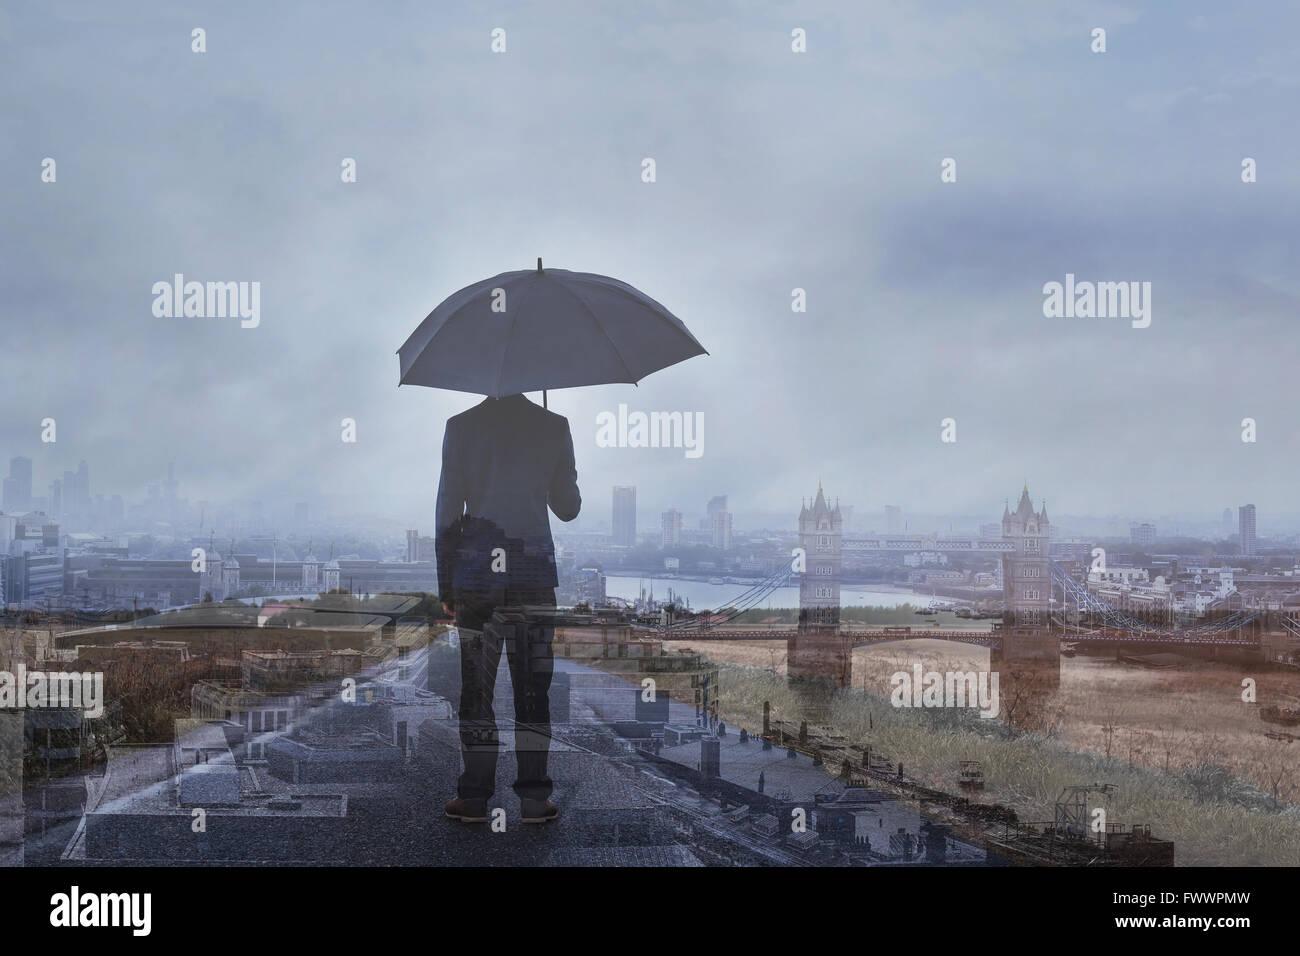 La doppia esposizione foto dell uomo d affari con ombrellone e dello skyline di Londra, vista panoramica della città Immagini Stock